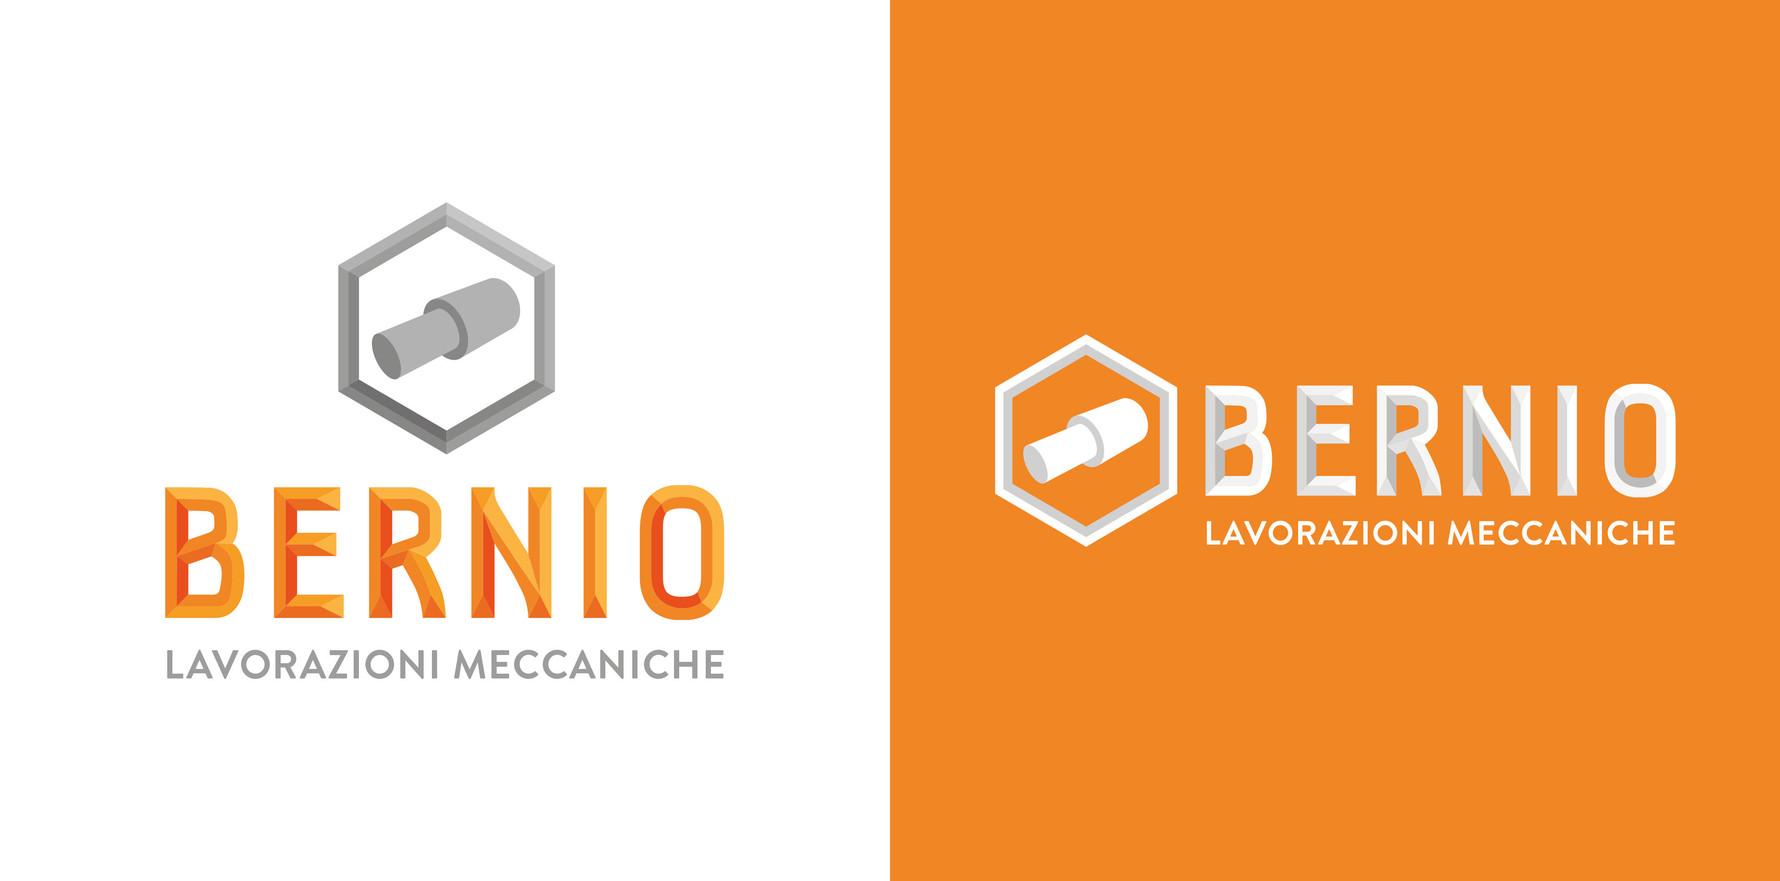 01_ch_bernio_logo (1).jpg